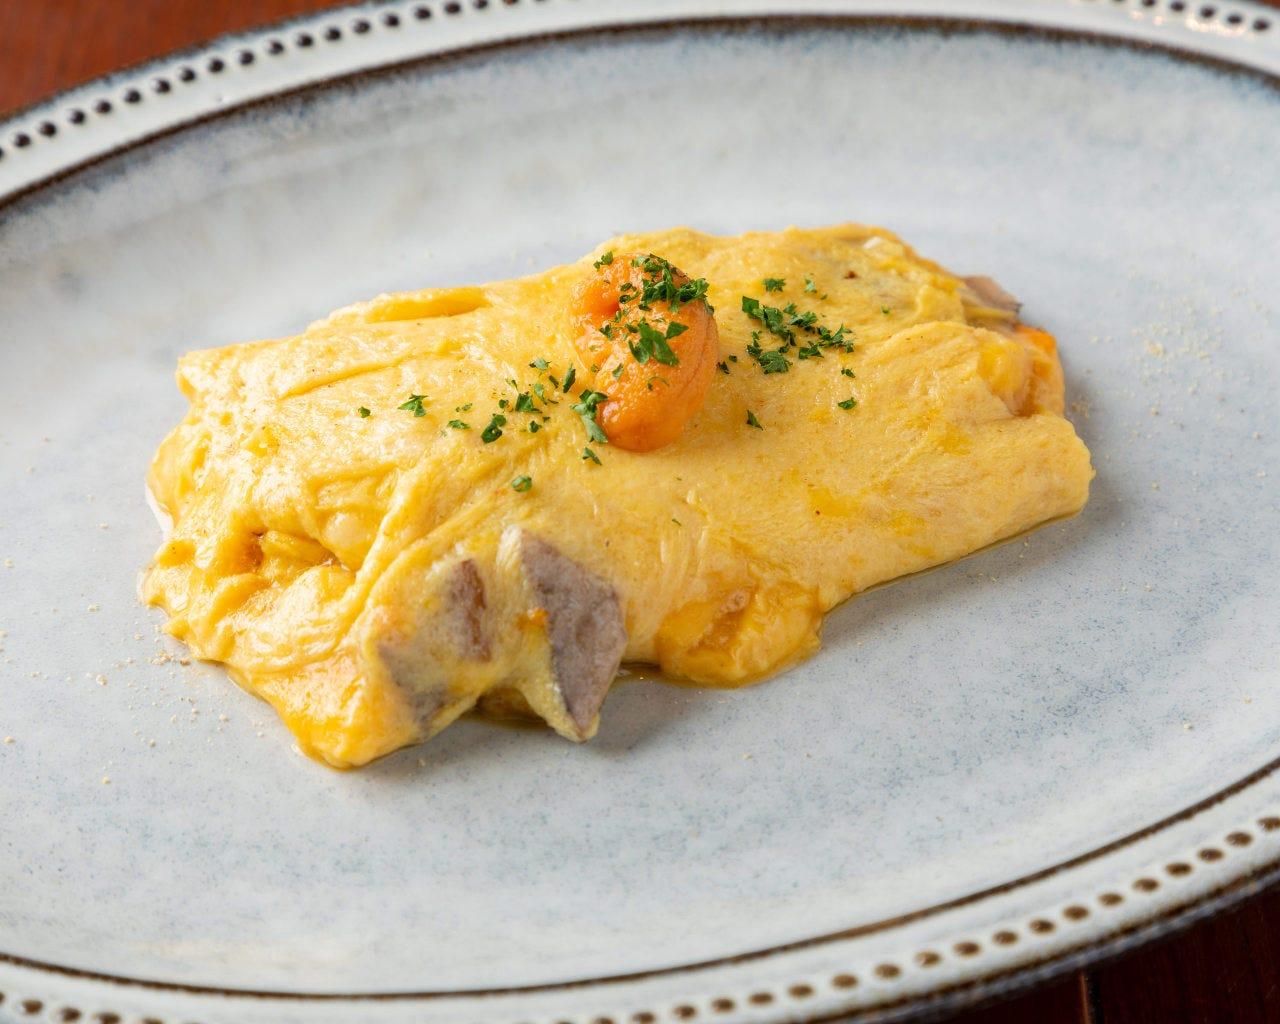 生ウニと季節野菜のオムレツは北海道産のウニを使用。